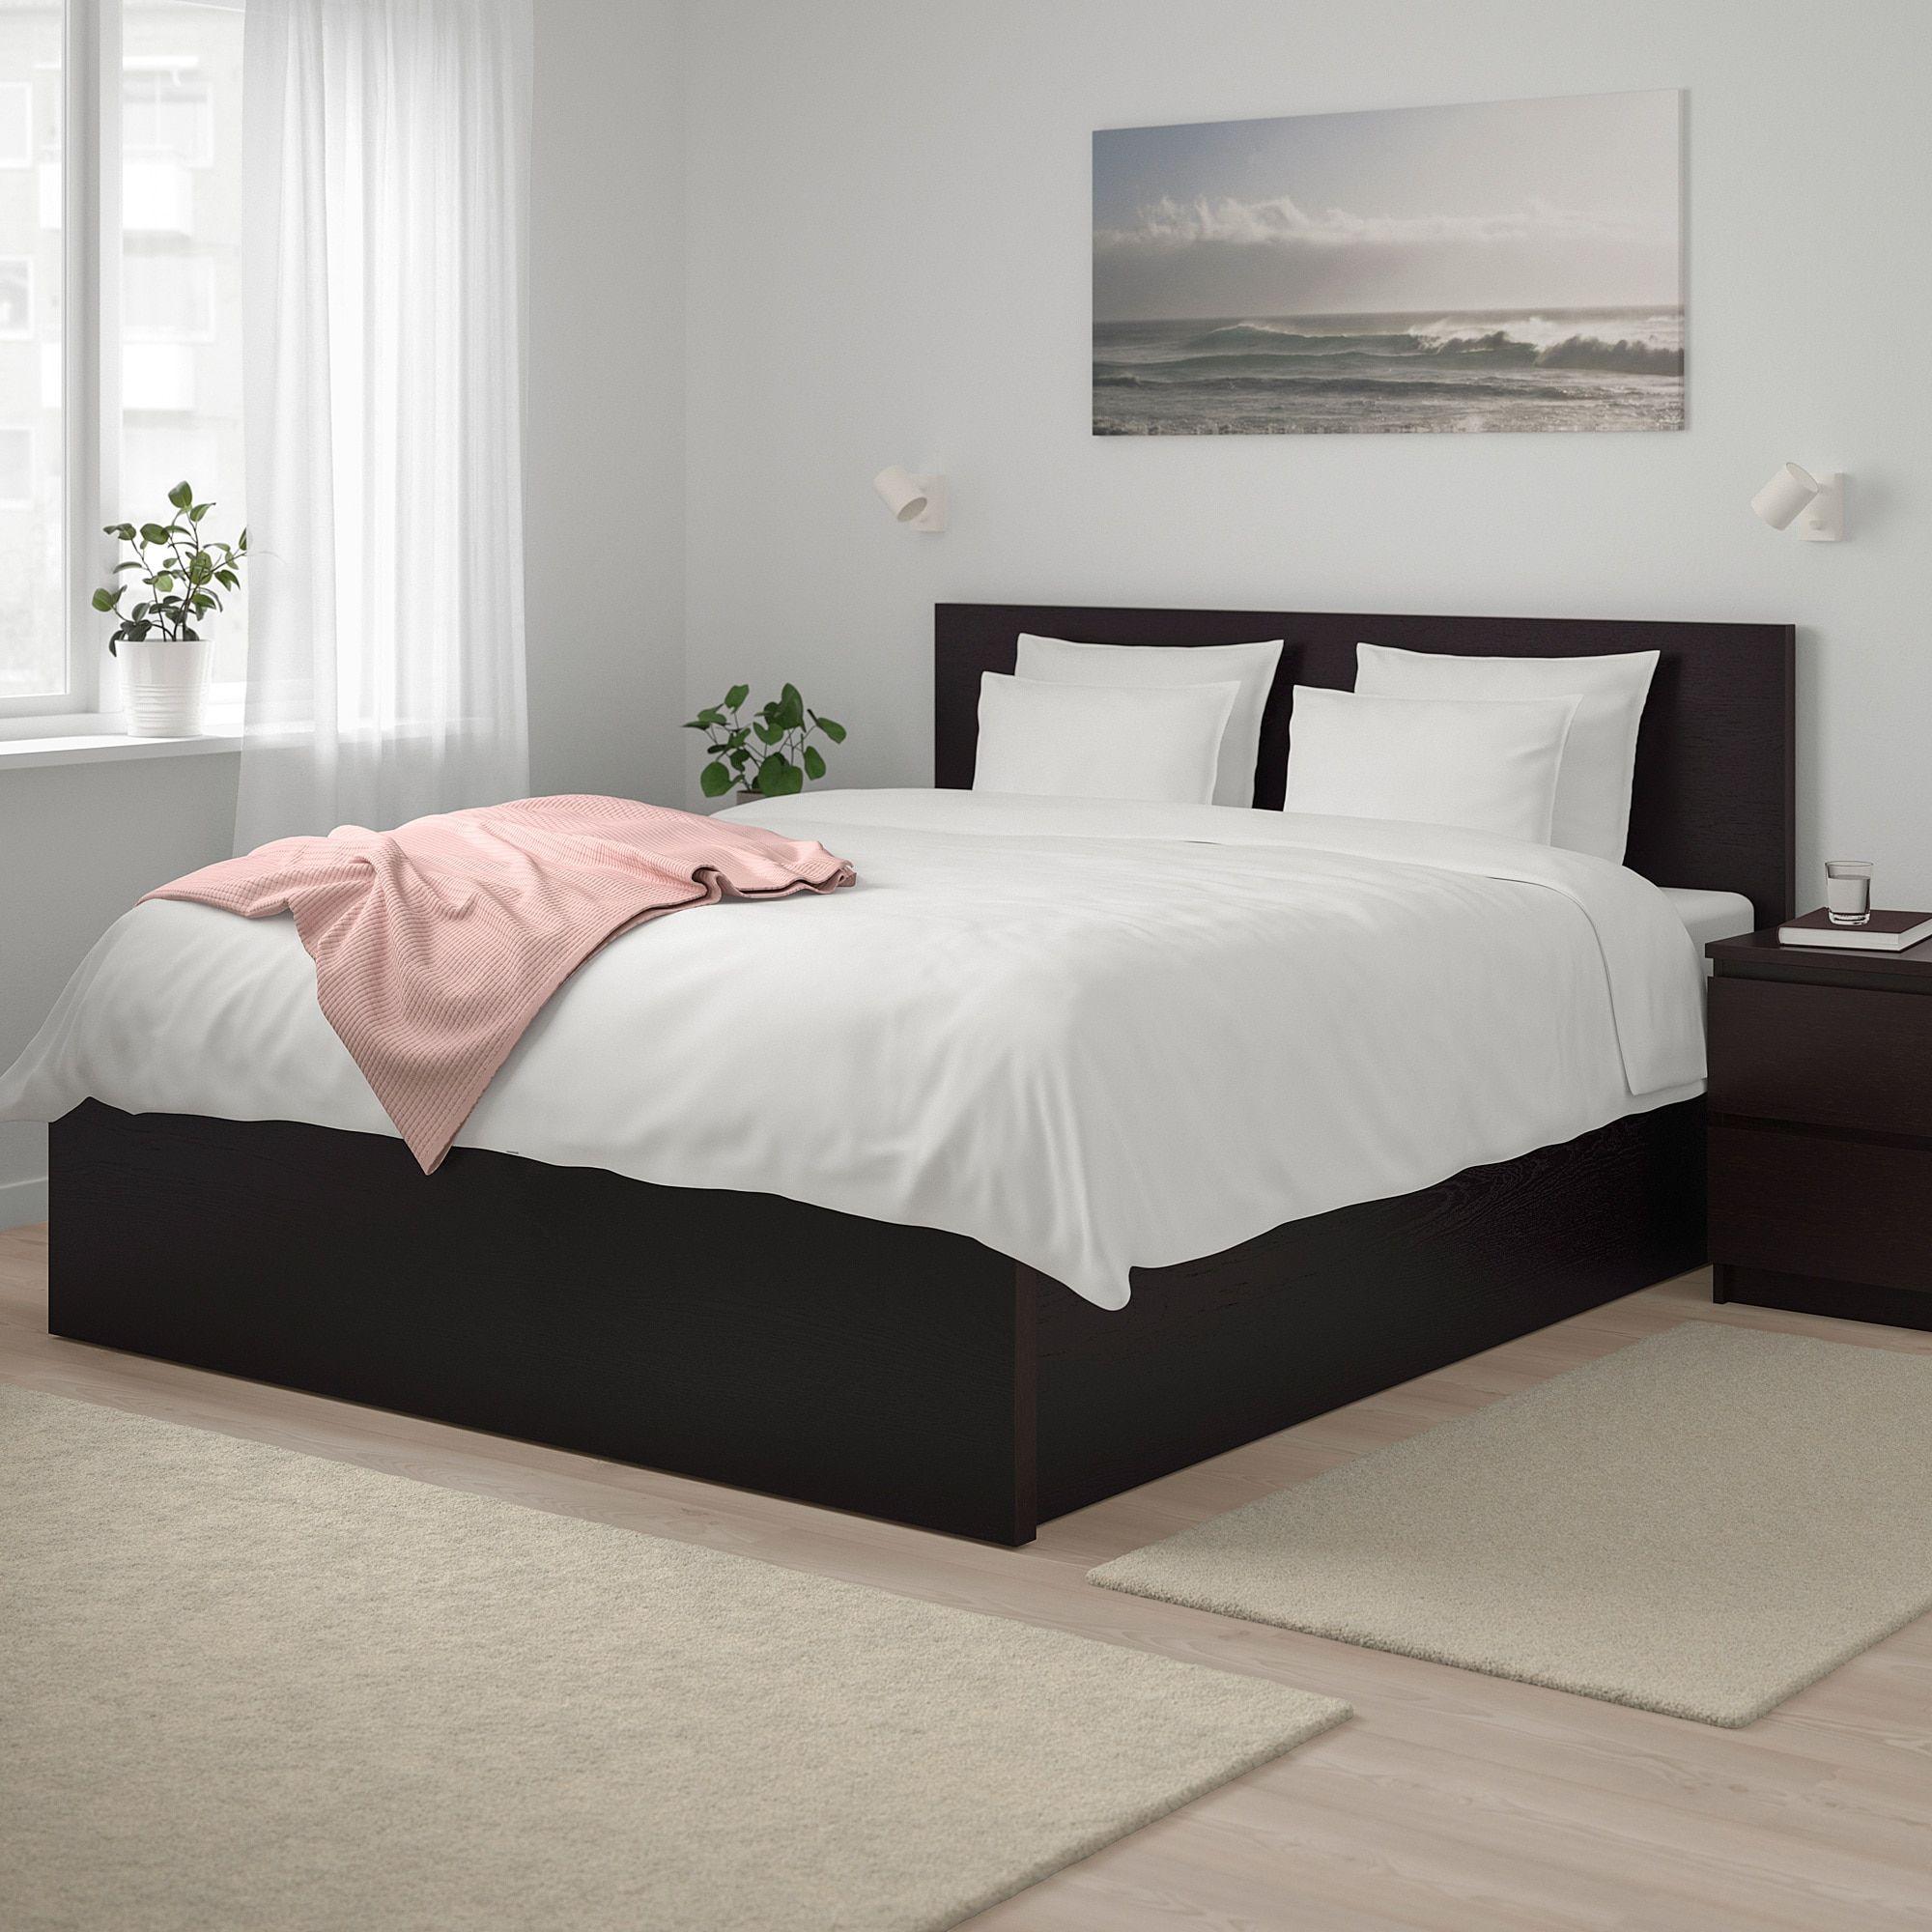 Malm Lit Coffre Brun Noir Ikea Brown Furniture Bedroom Black Bedding Black Bed Frame